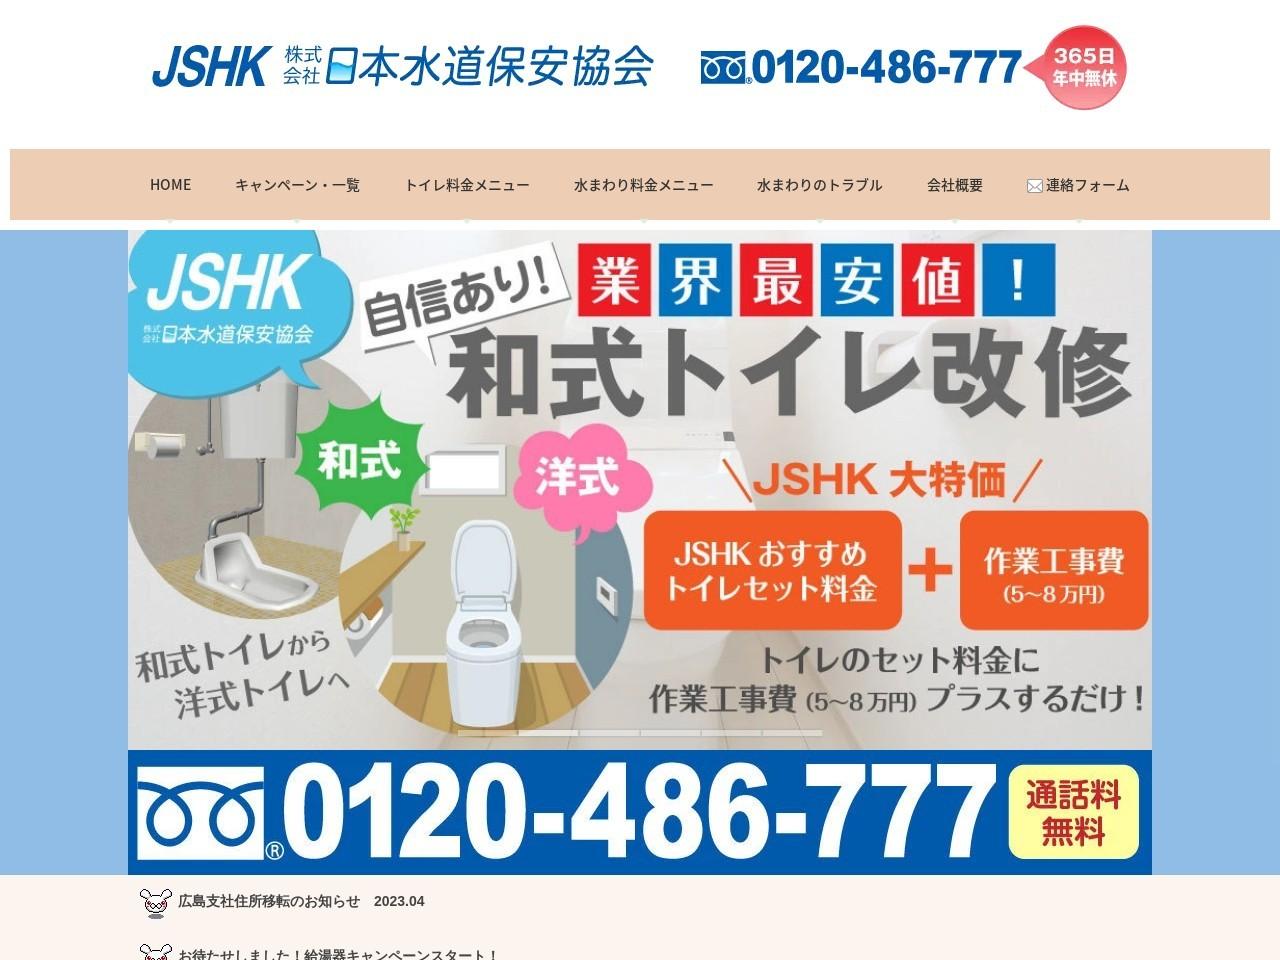 株式会社日本水道保安協会